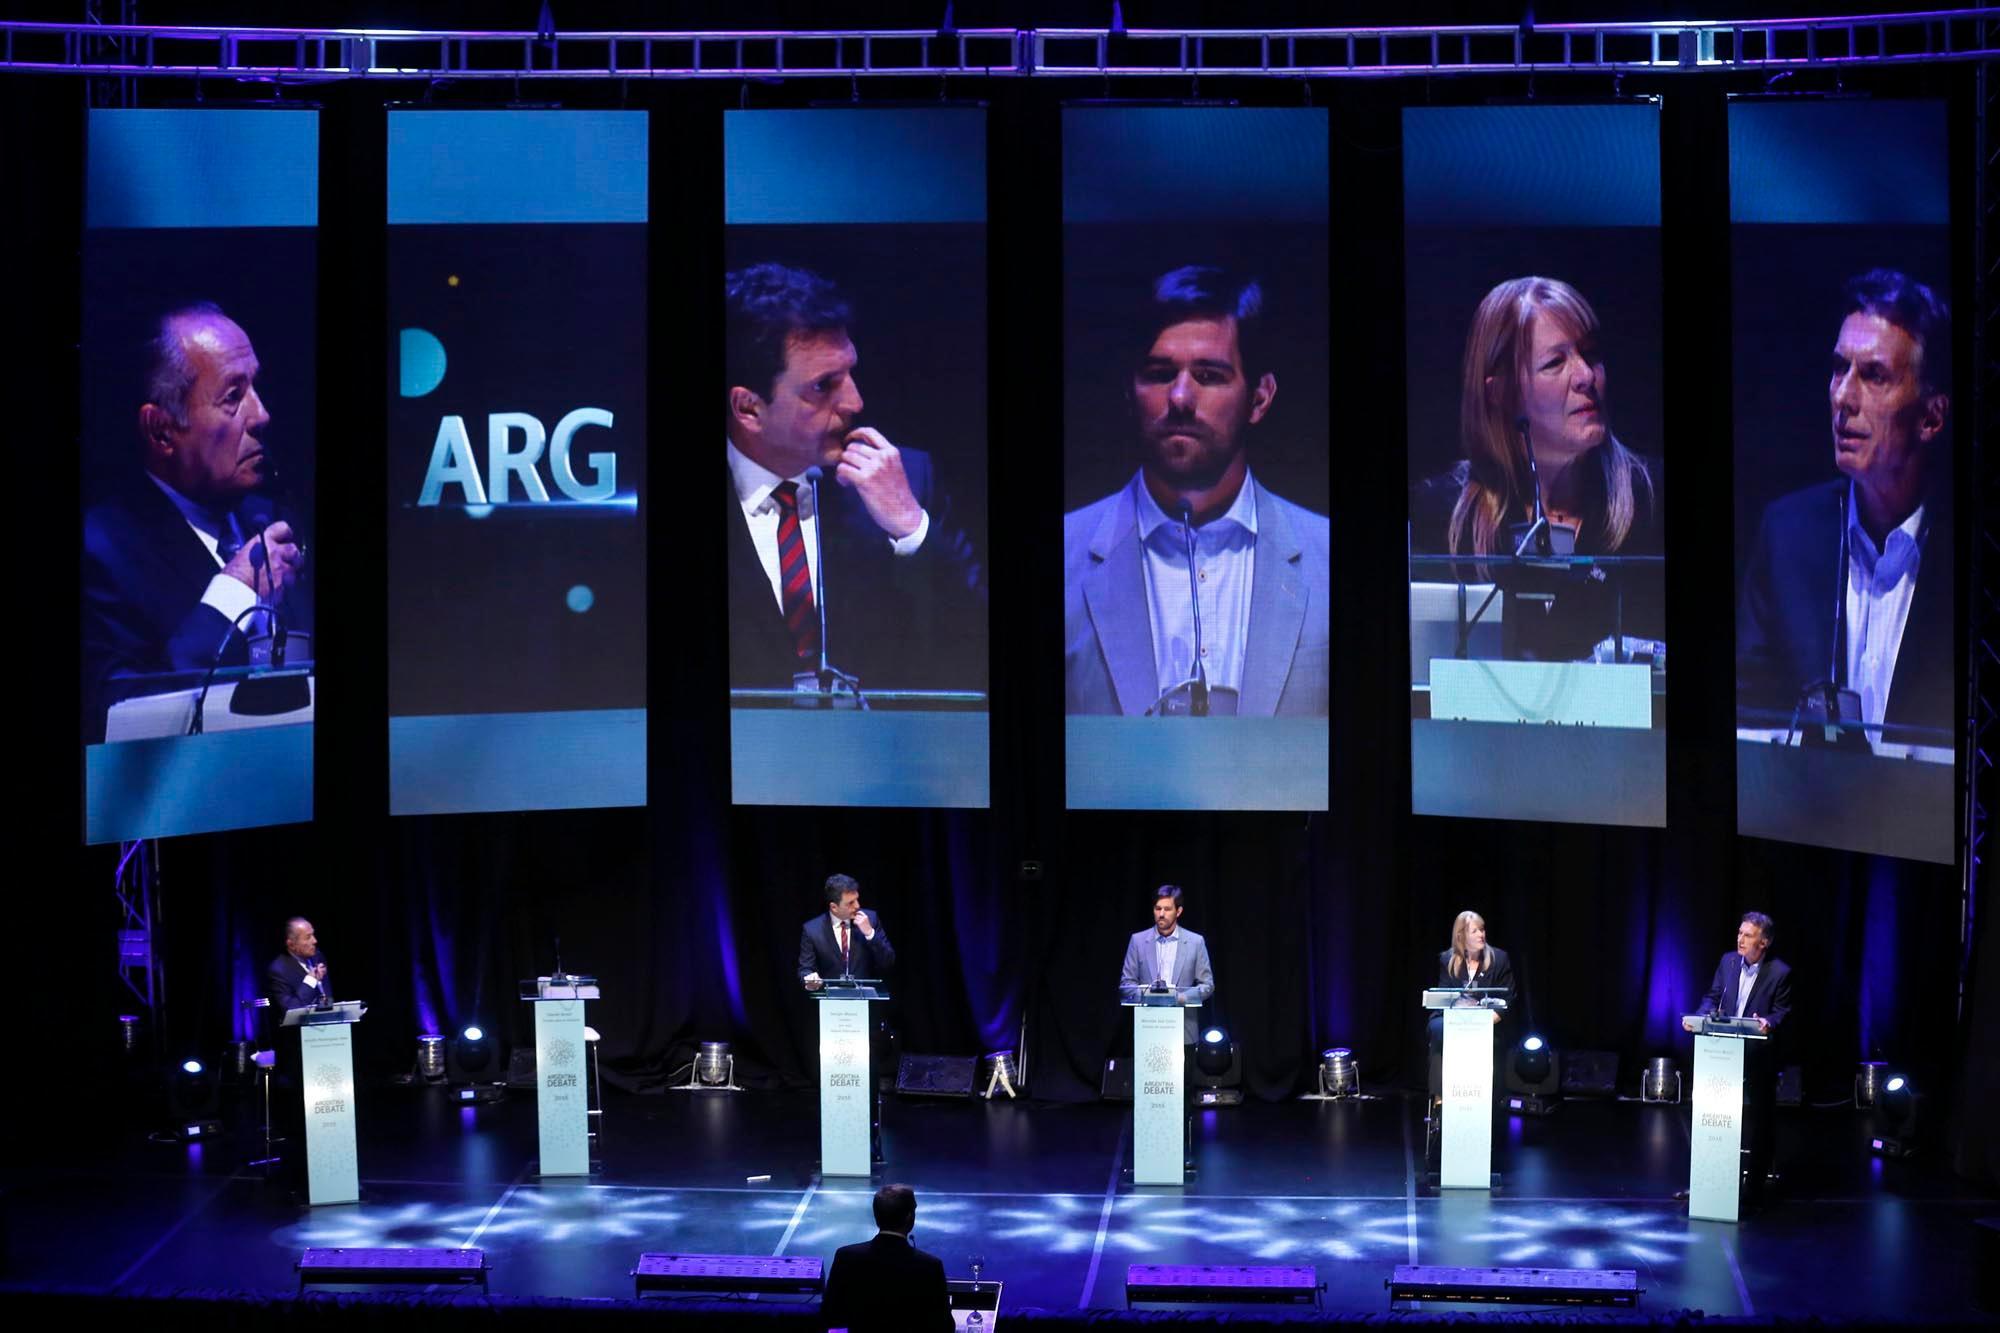 Elecciones: los debates presidenciales serán el 13 y el 20 de octubre